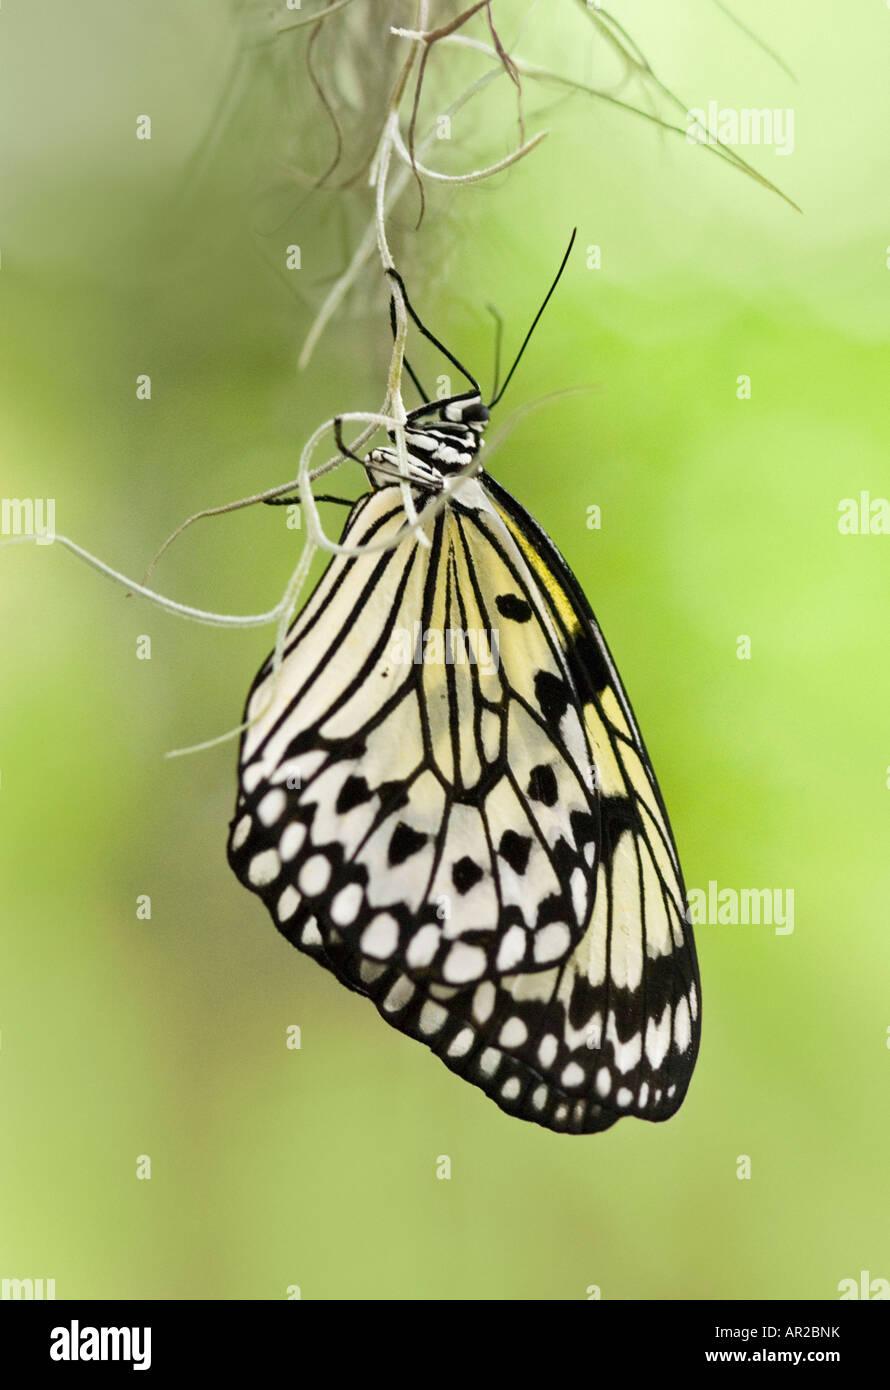 Mariposa Ninfa árbol también conocido como papel Butterfliy Kite y mariposas de papel de arroz Imagen De Stock